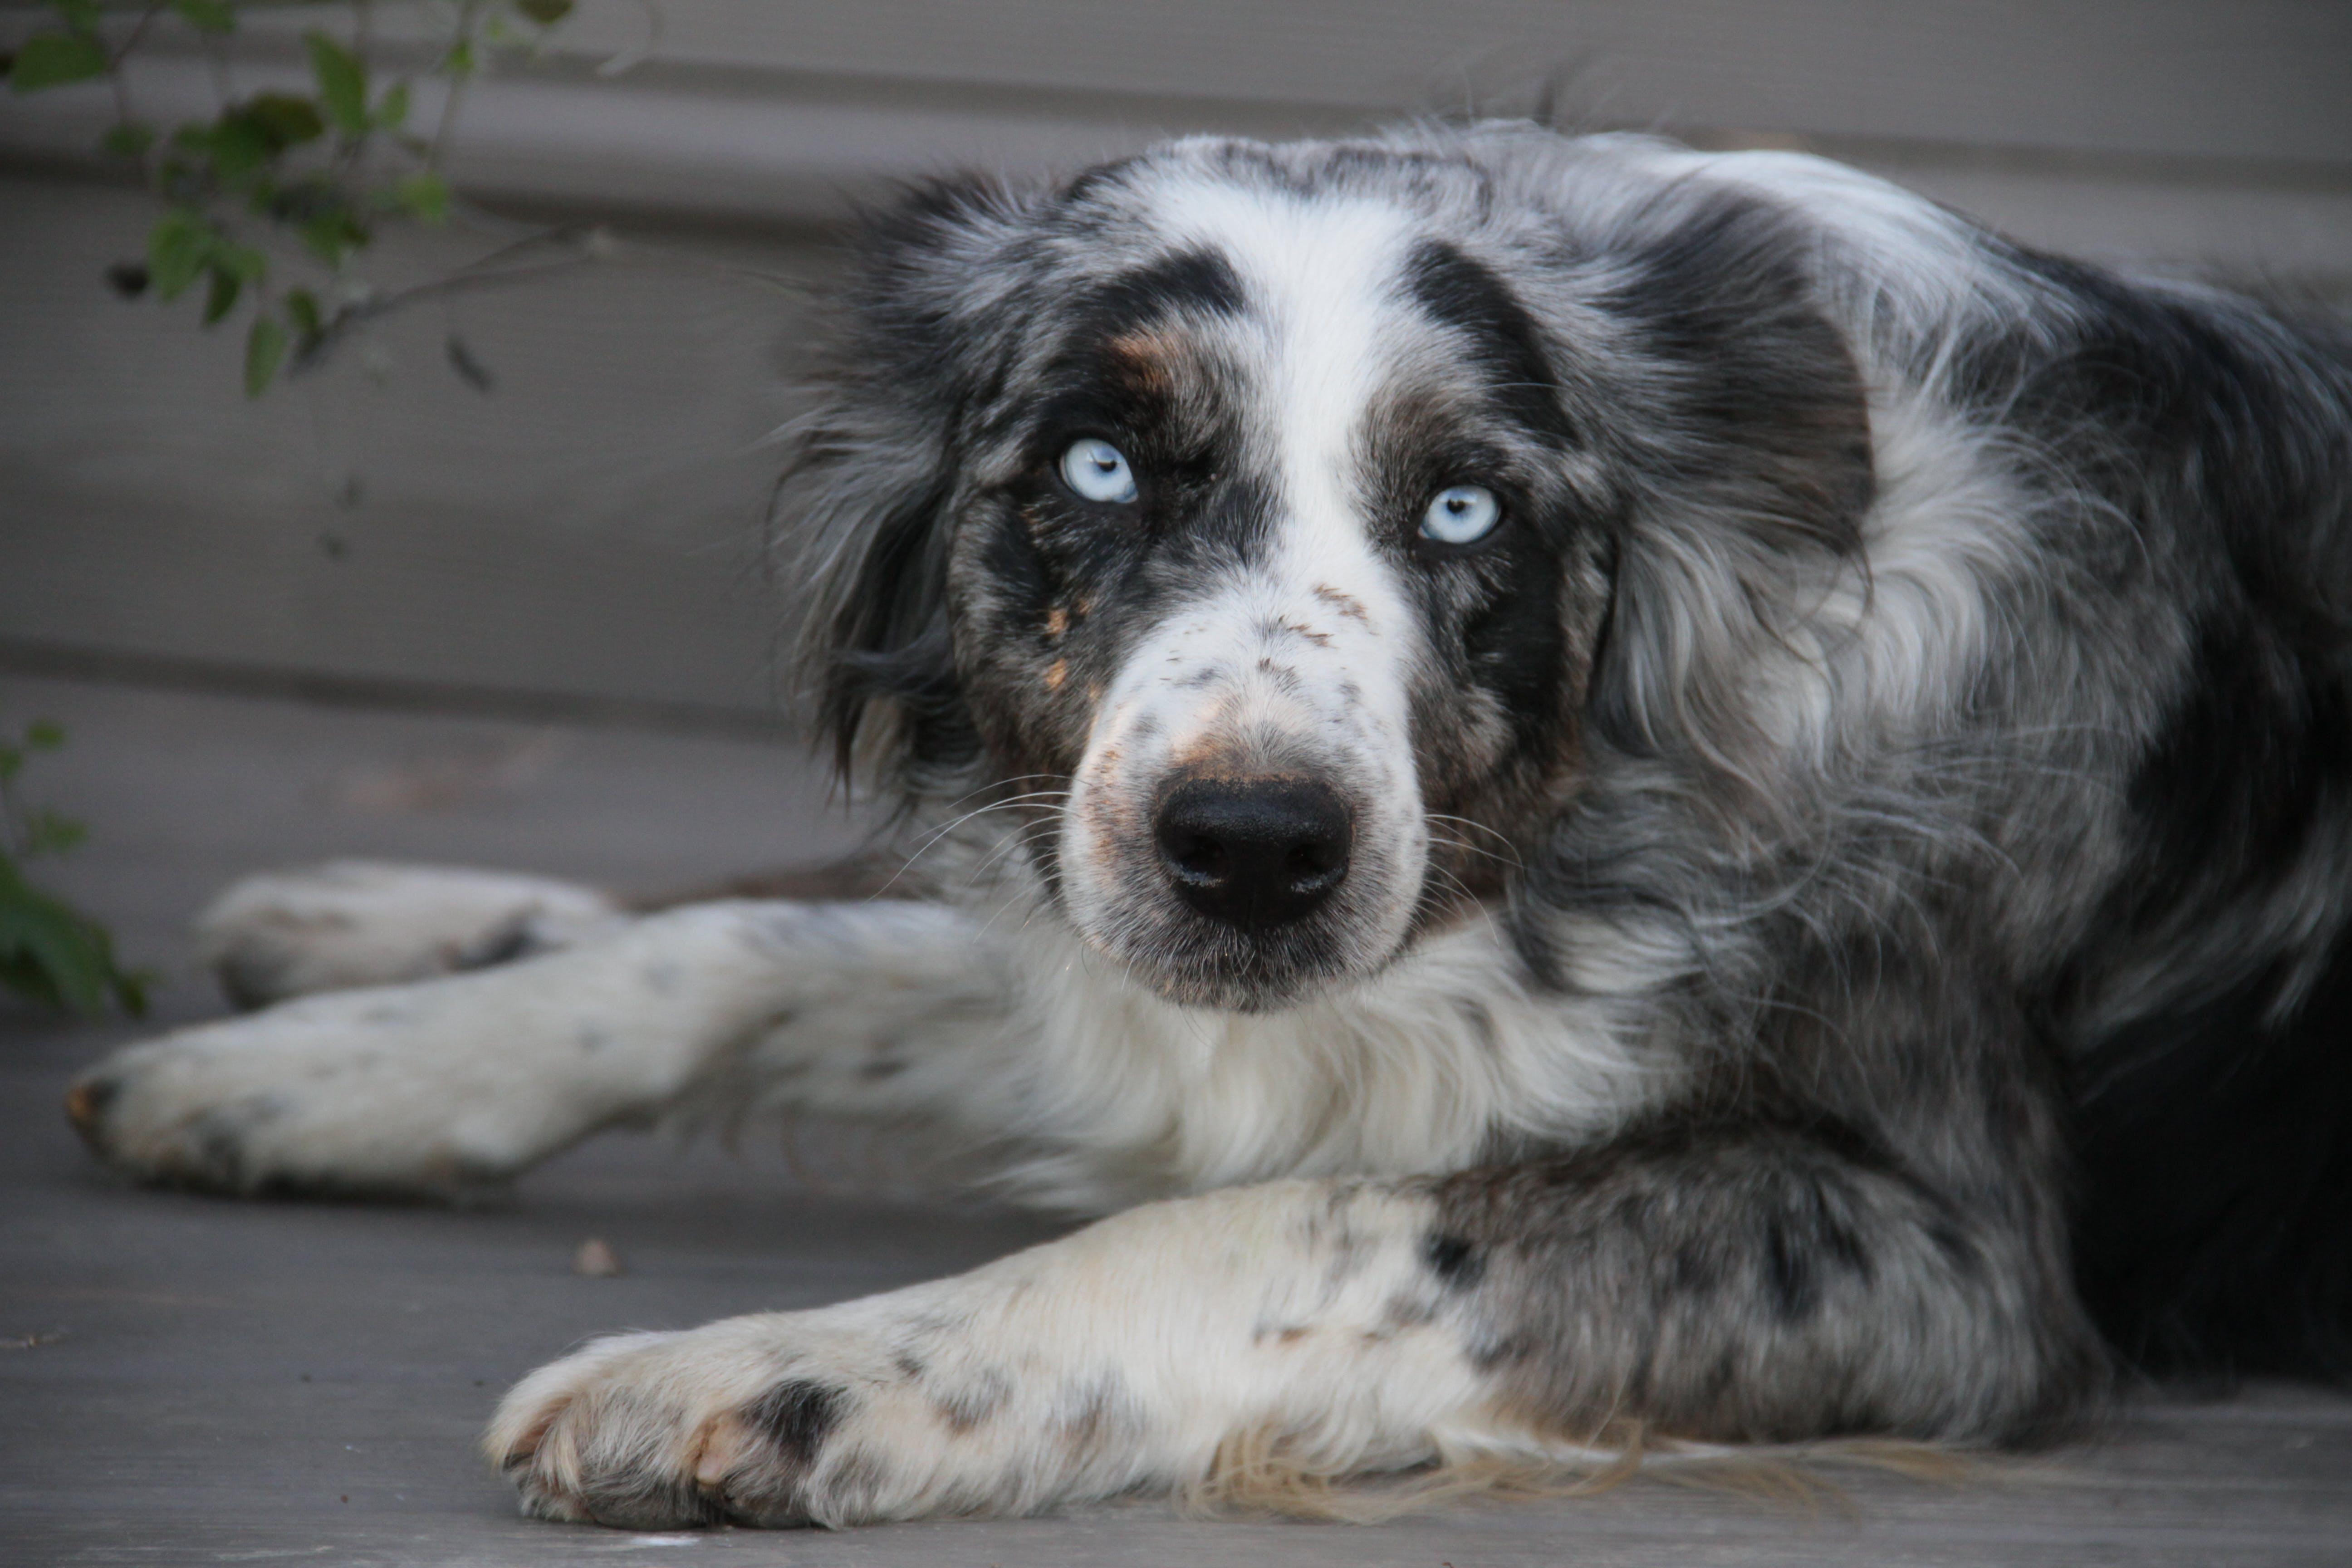 Free stock photo of dog, family dog, grey eyed dog, hearding dog